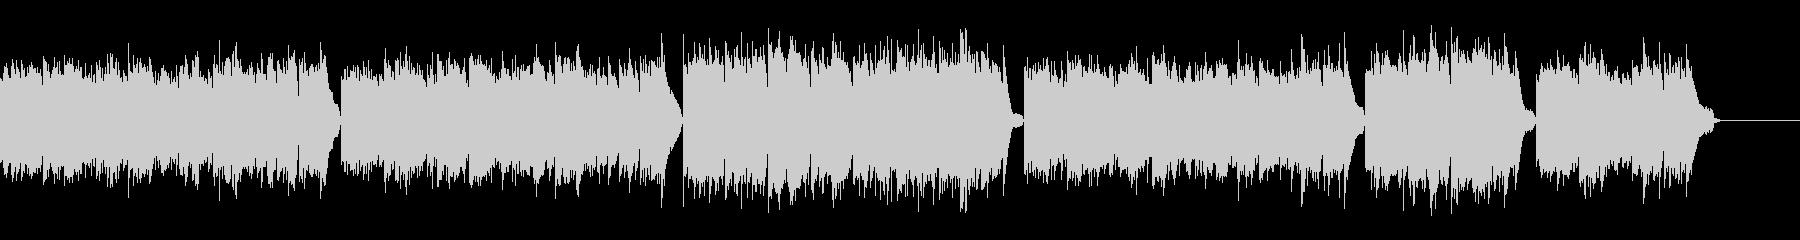 穏やかで暖かいピアノアルペジオ:ソロの未再生の波形